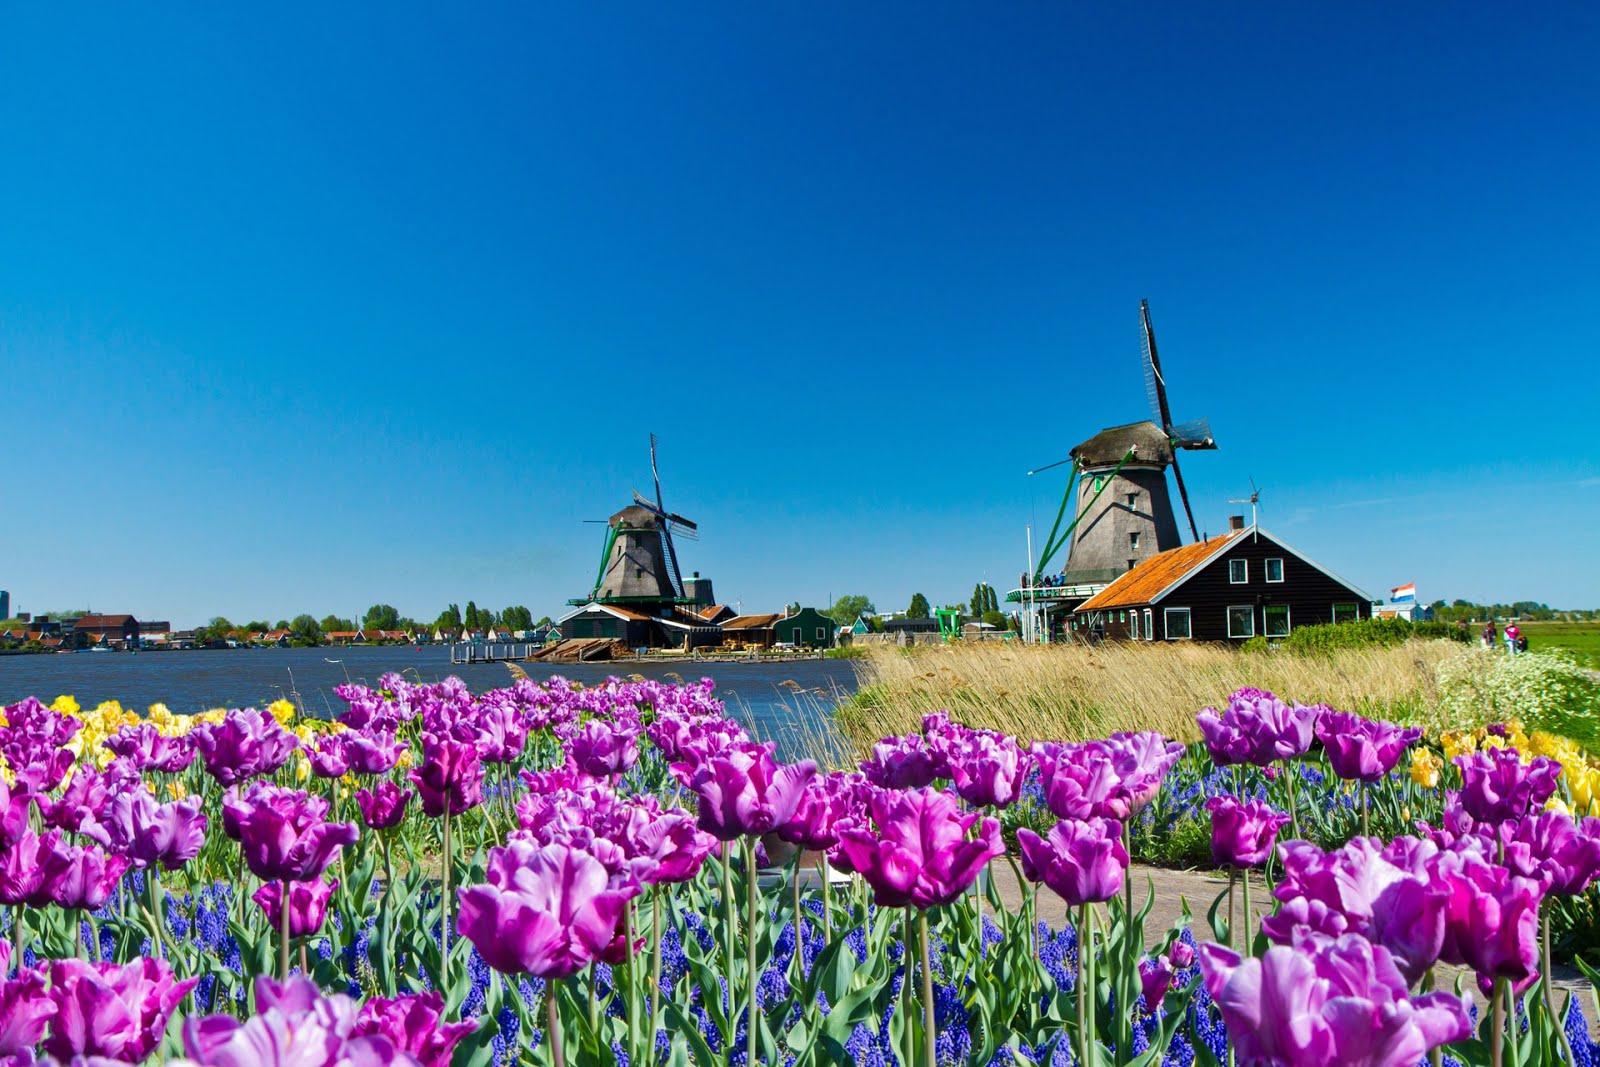 http://4.bp.blogspot.com/-rLGIvWmx14Y/UOO2PvzQxaI/AAAAAAABbH4/l4kDqqhxIC8/s1600/molinos-de-viento-en-un-paisaje-muy-hermoso-junto-al-lago-y-flores-de-